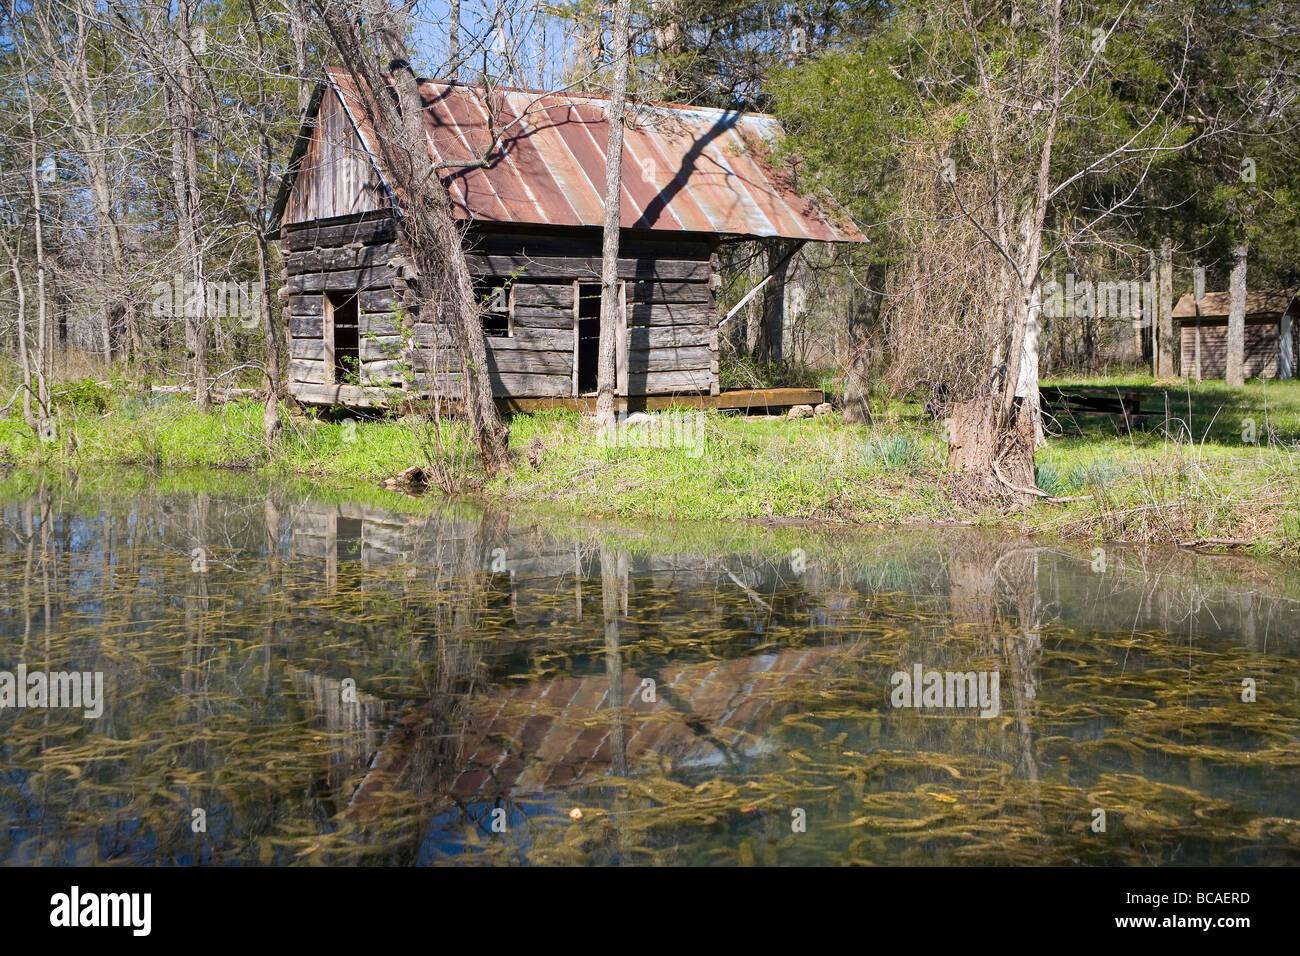 Falling Spring Thomas Brown Cabin Missouri - Stock Image